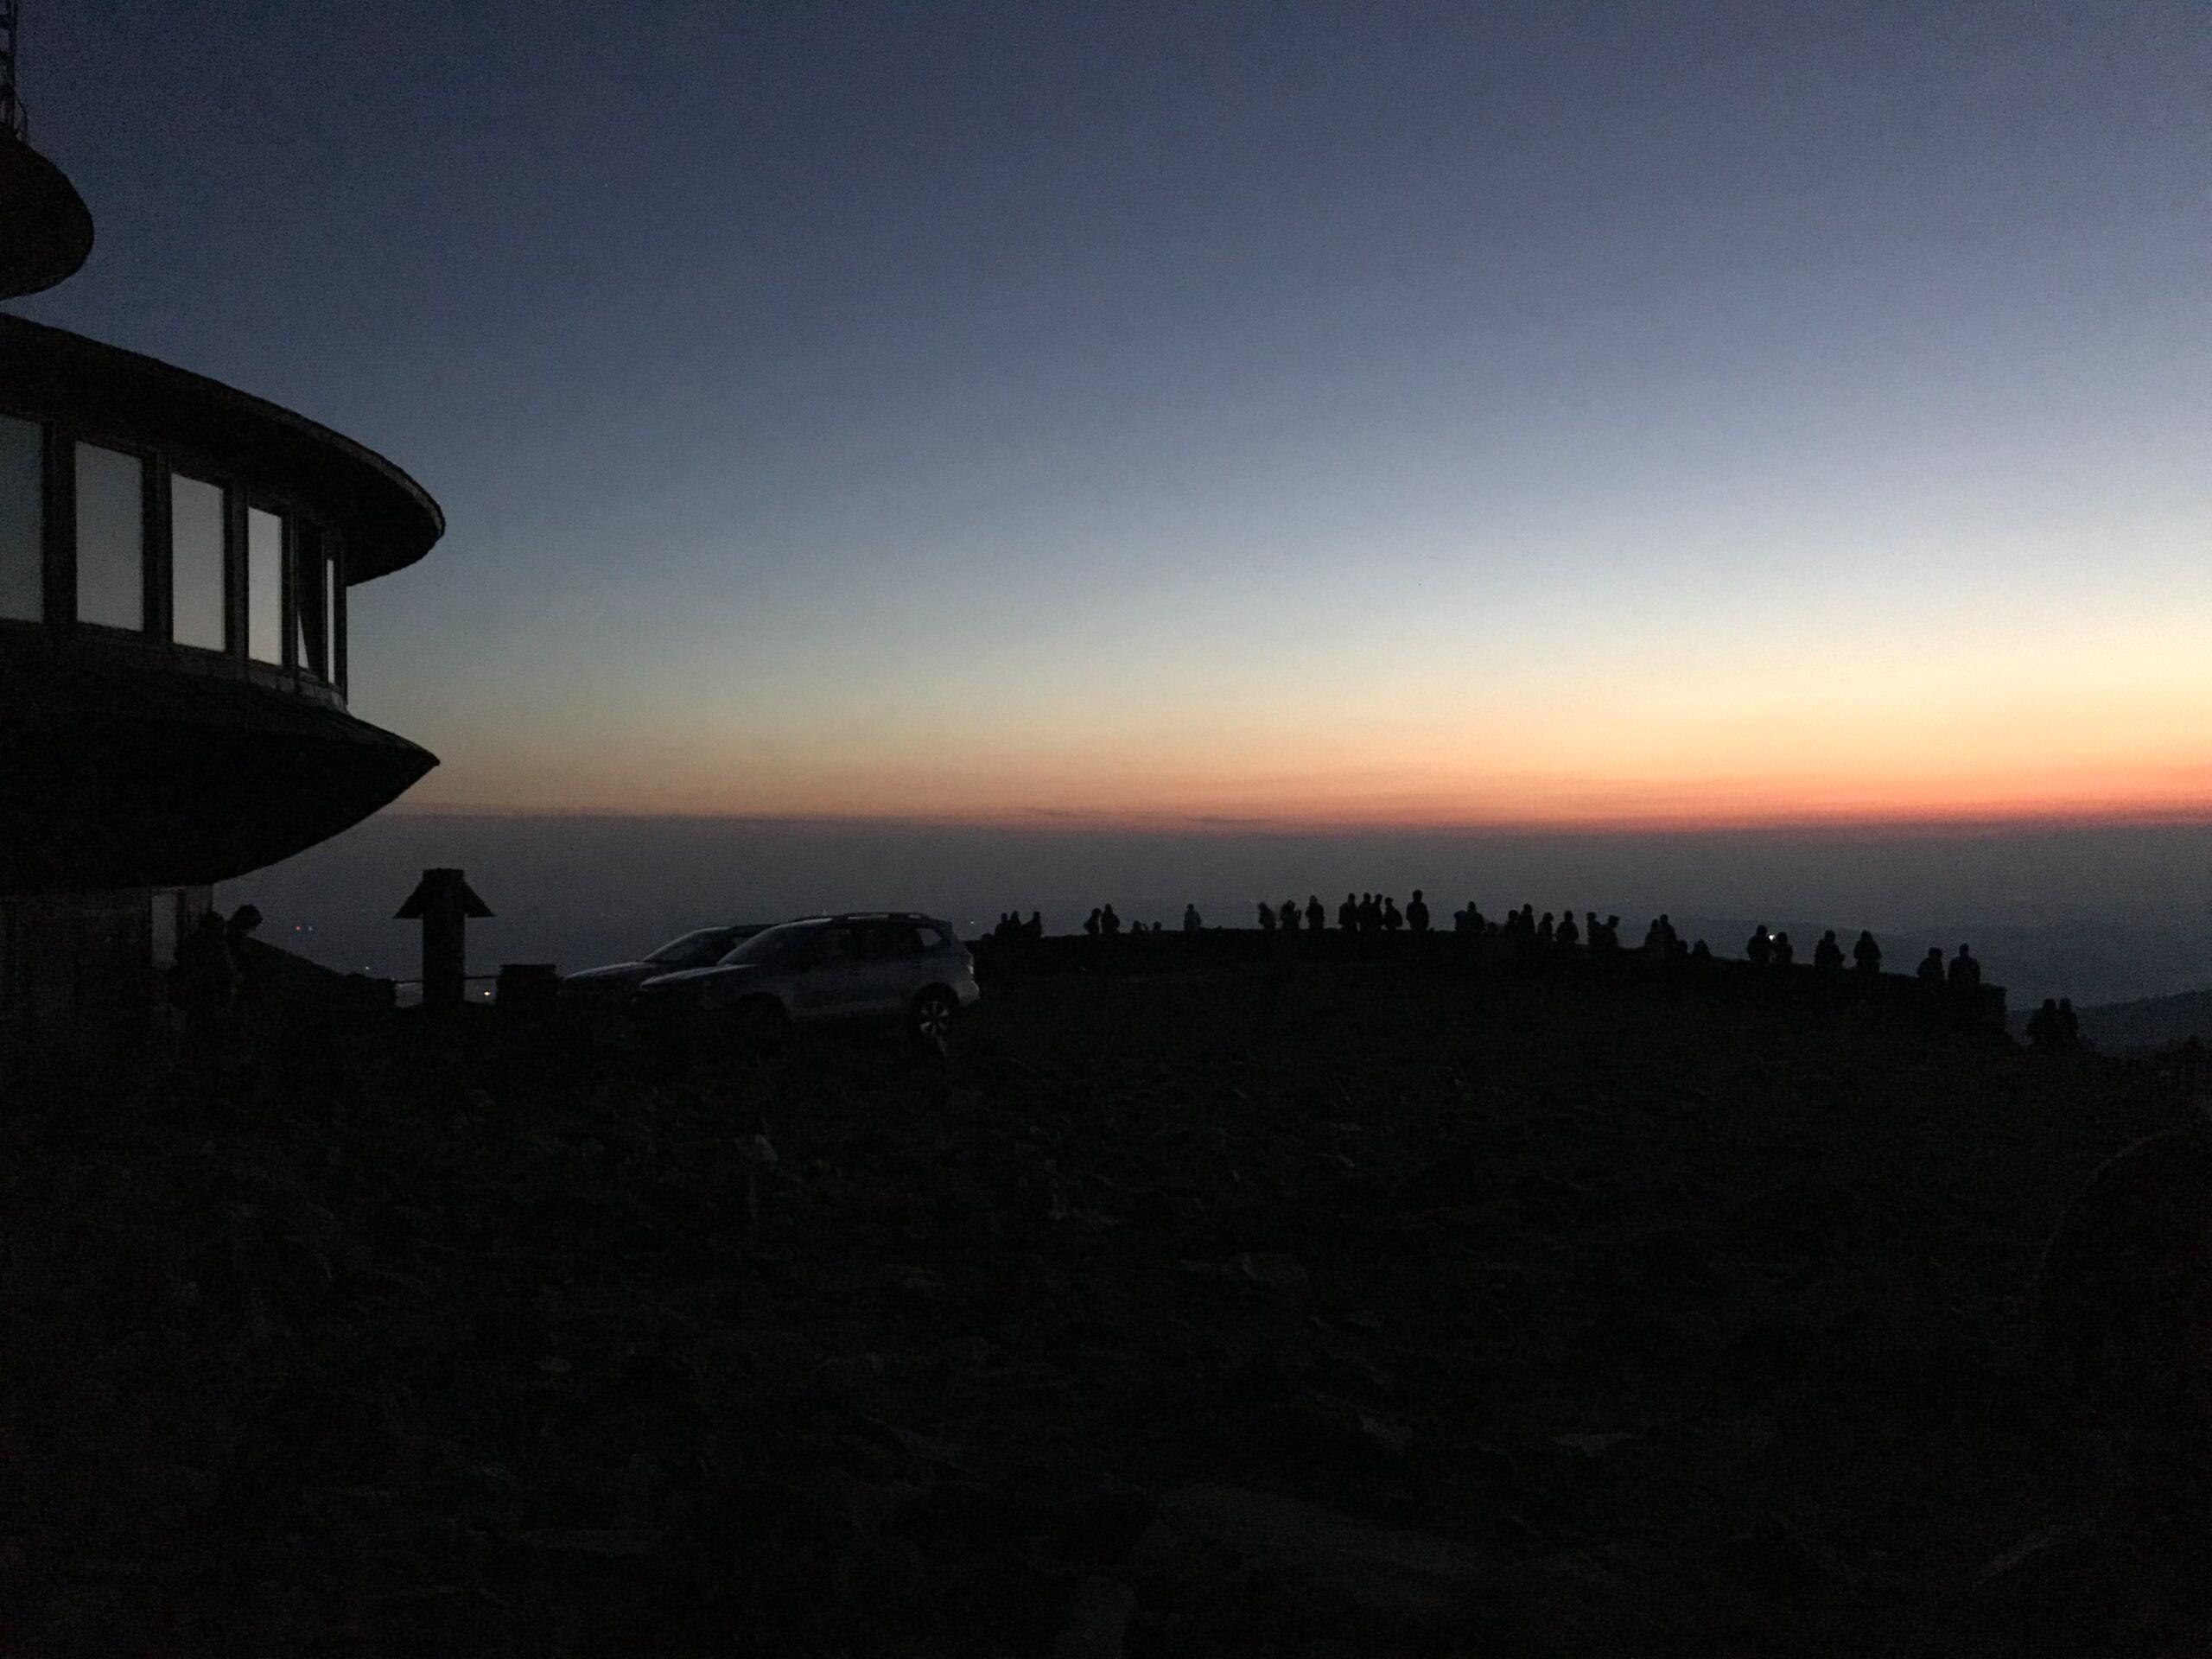 Východ slunce na Sněžce - Krkonoše - Jiráci na cestách